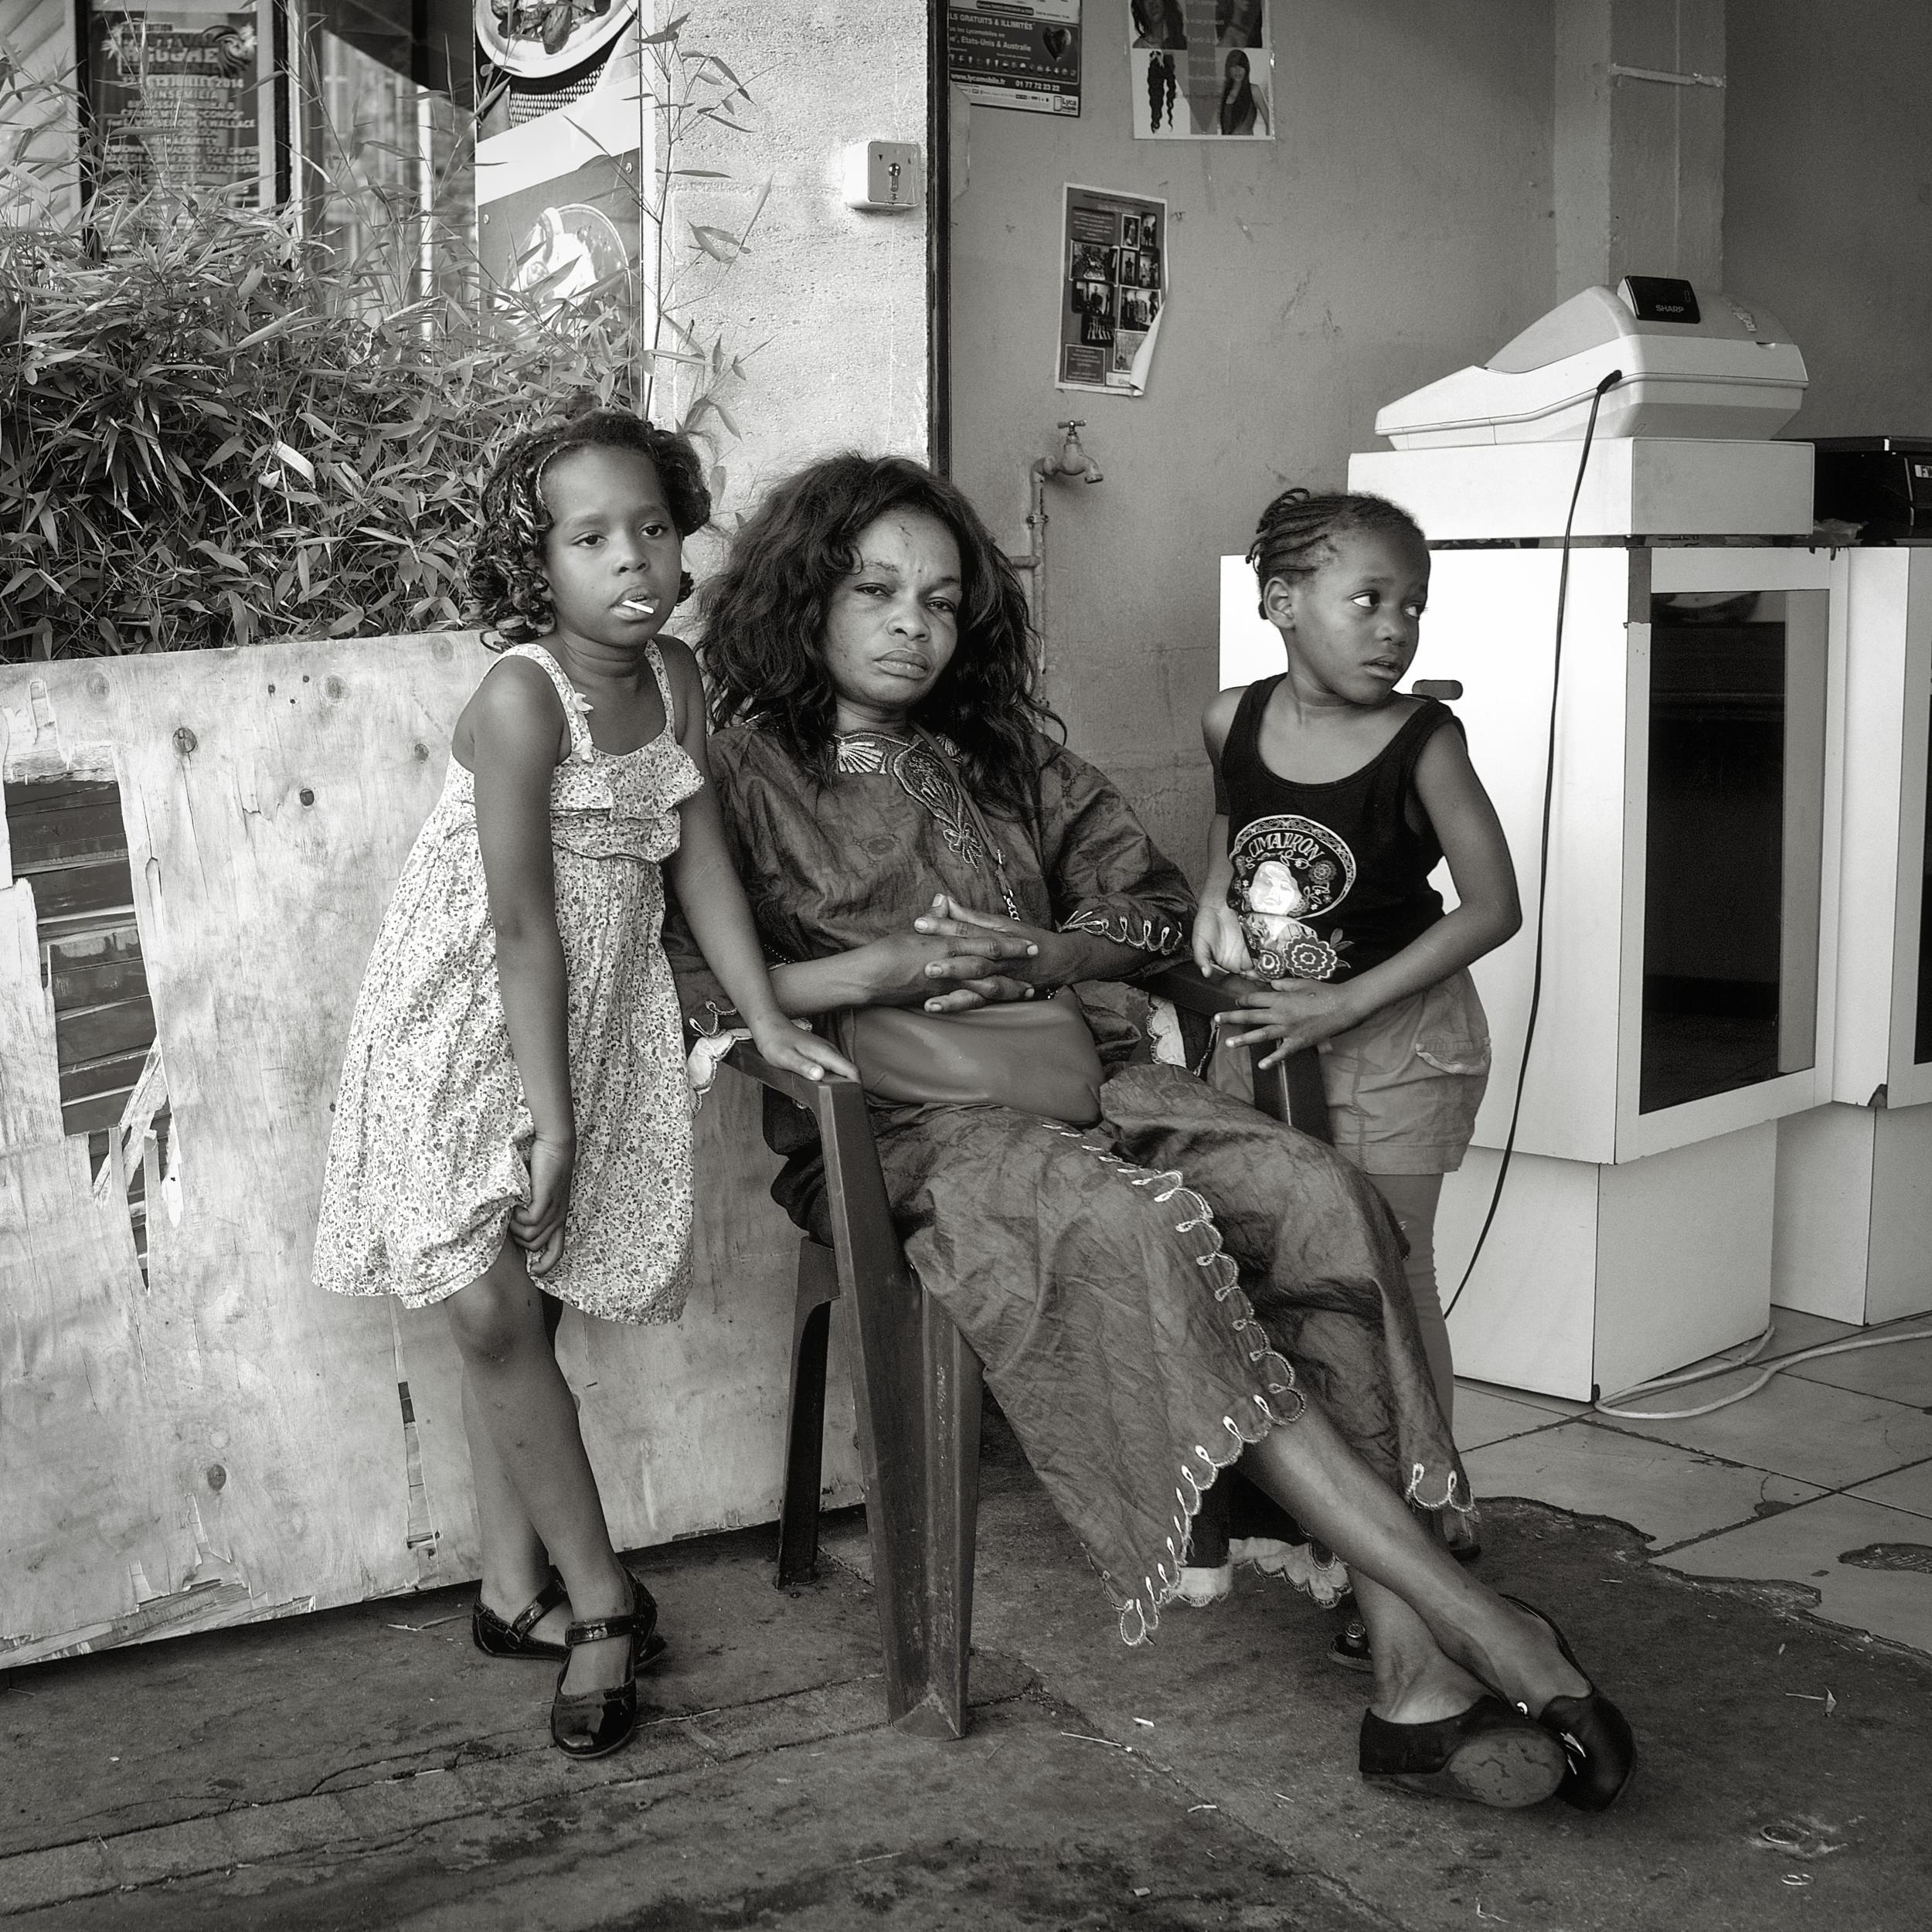 Extrait de la série « Un regard sur Bordeaux » ©Thierry Lothon 2014